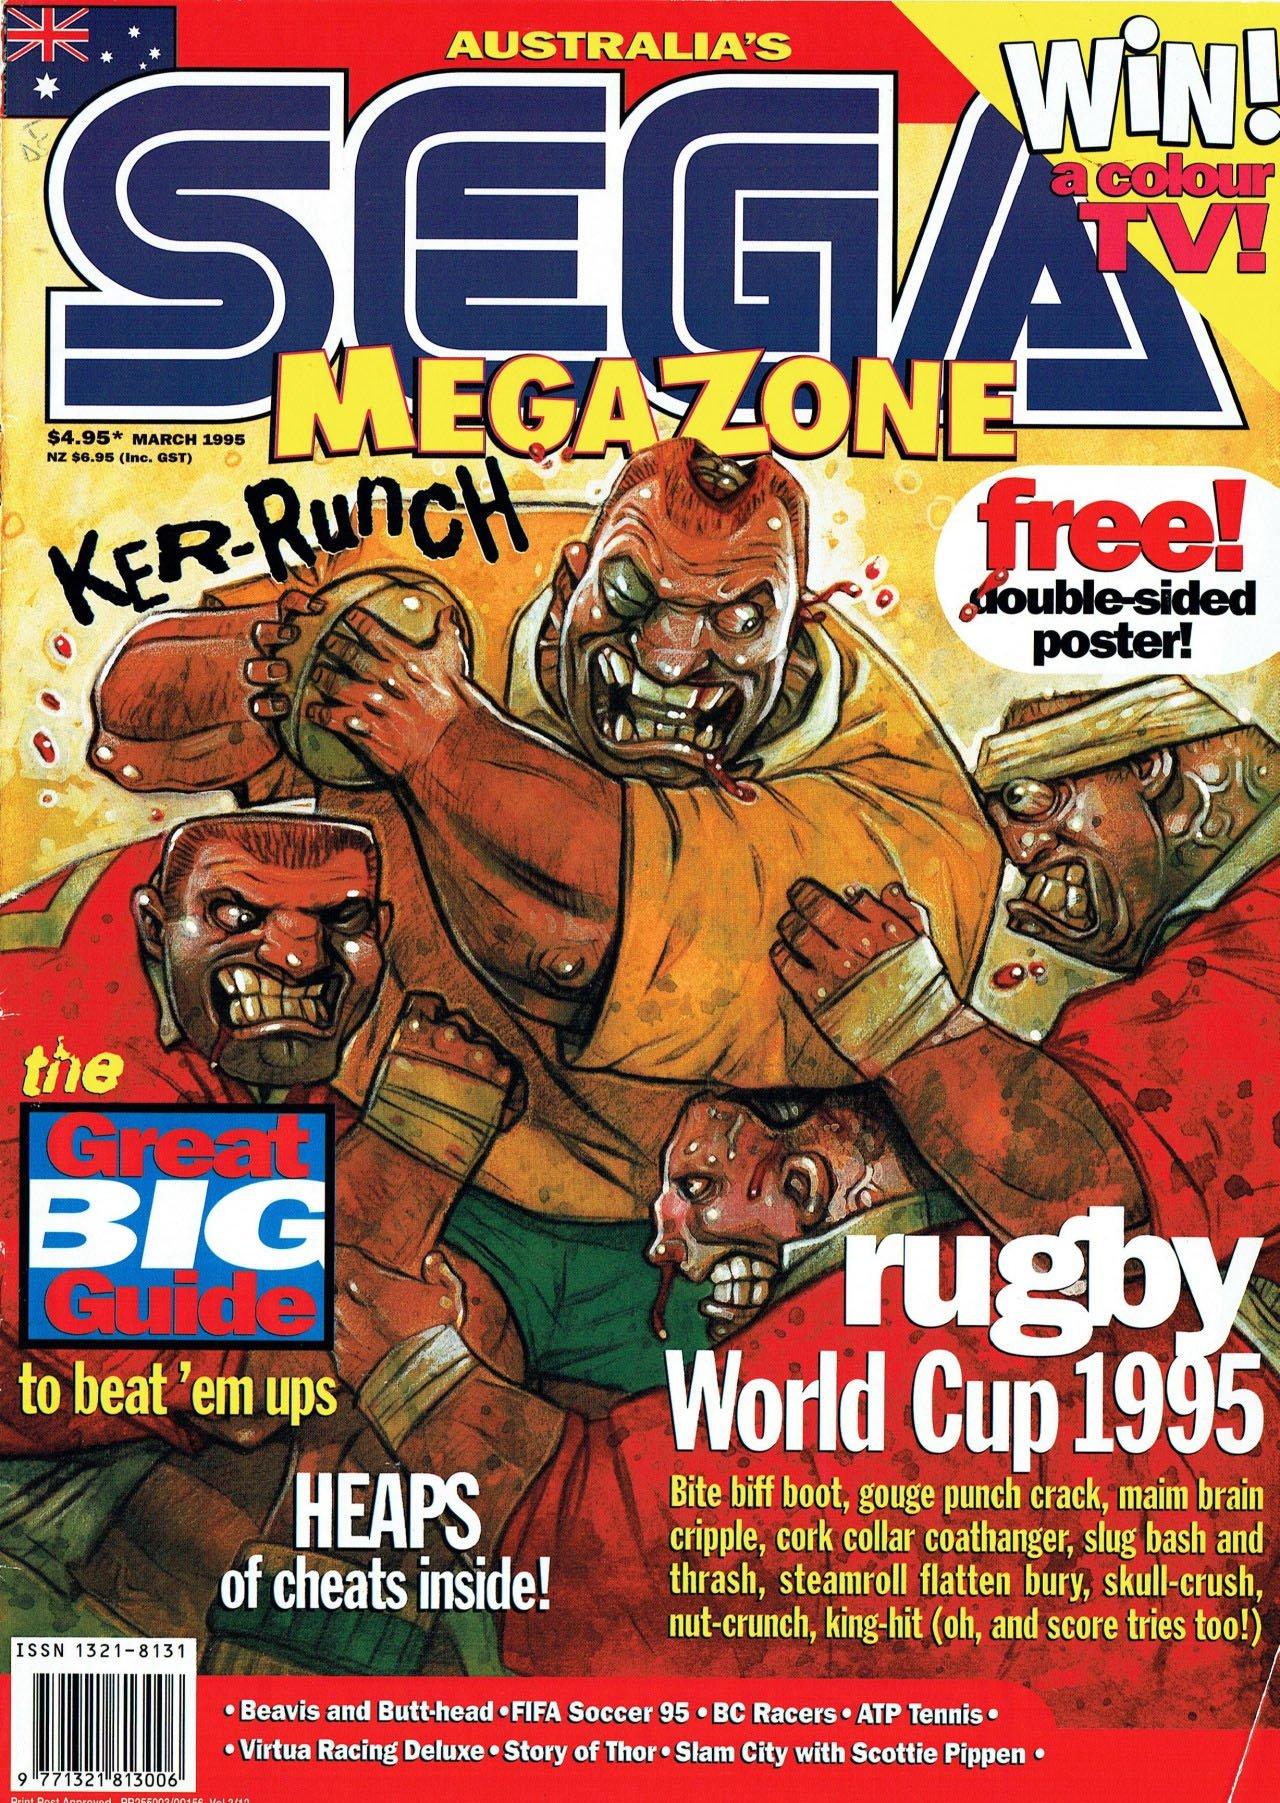 Sega MegaZone 49 (March 1995)